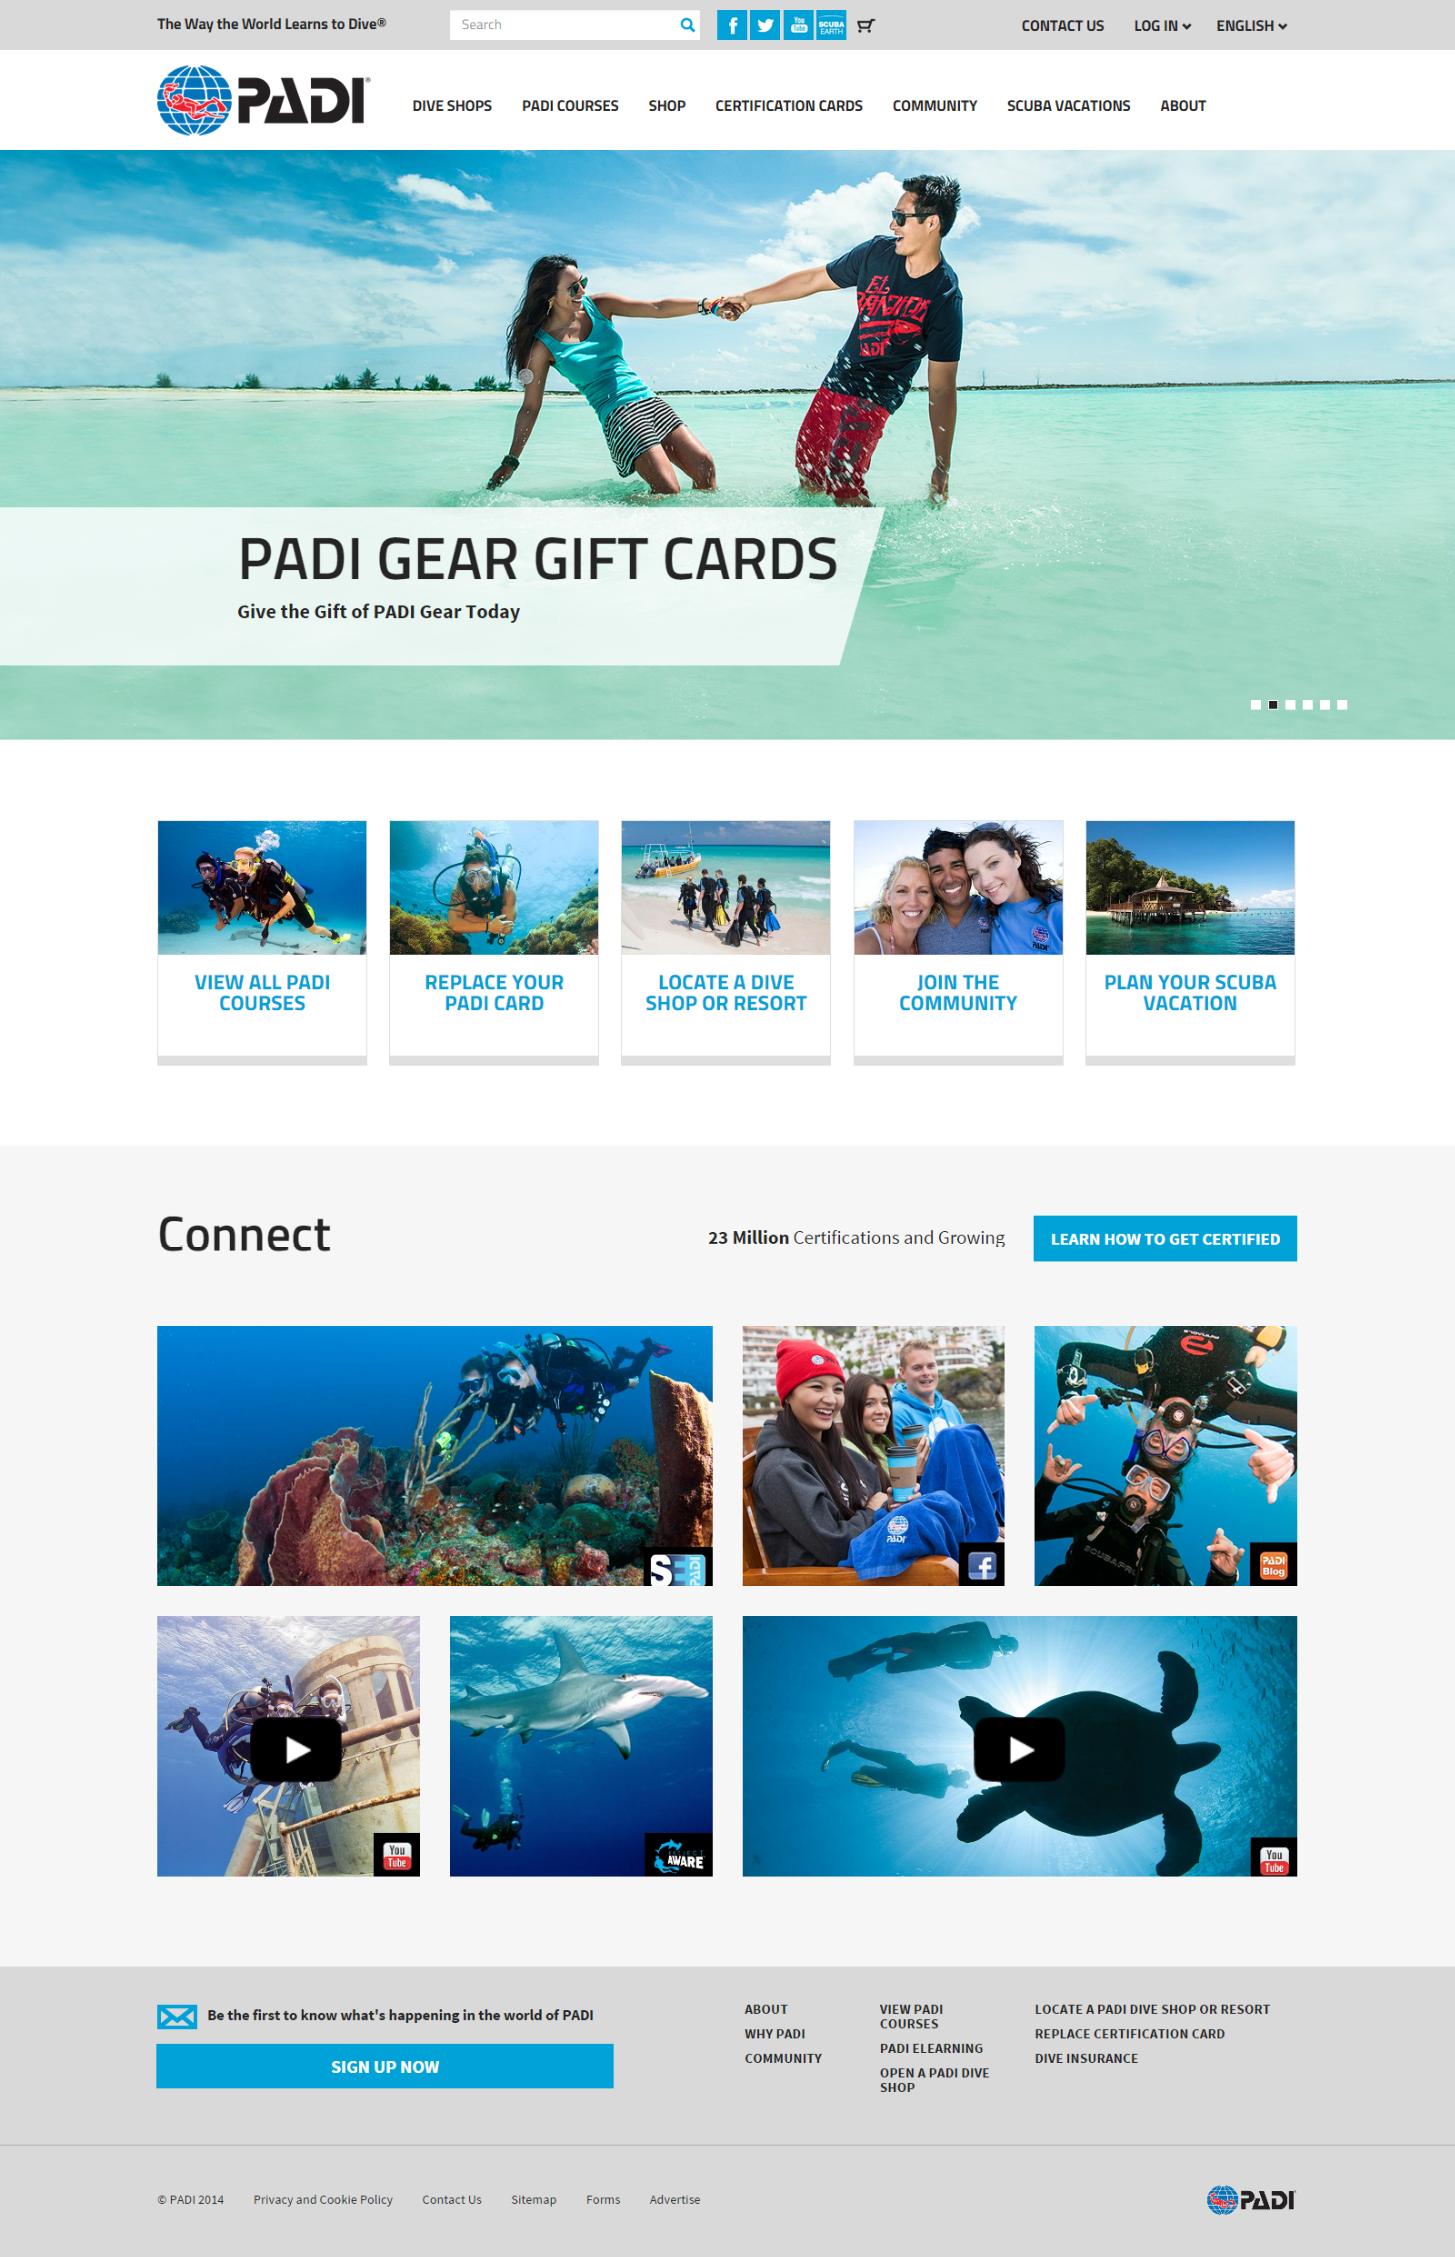 PADI.com